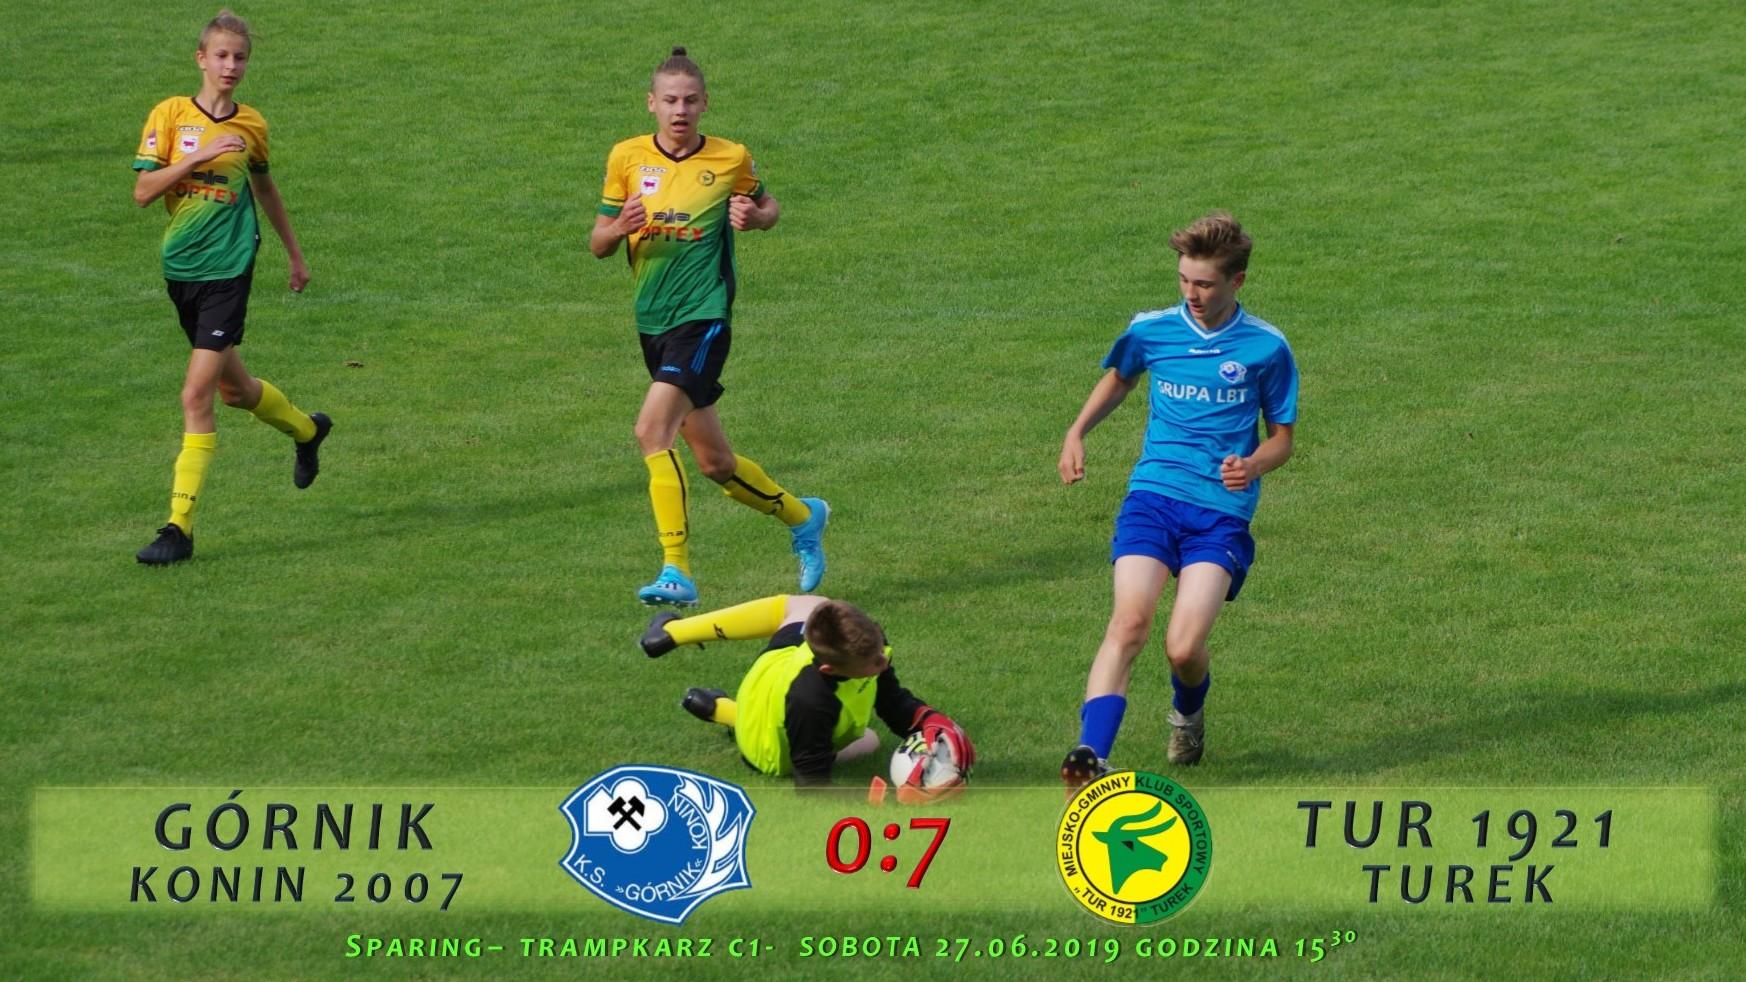 Górnik Konin 2007- Tur 1921 Turek 0:7, sparing C1